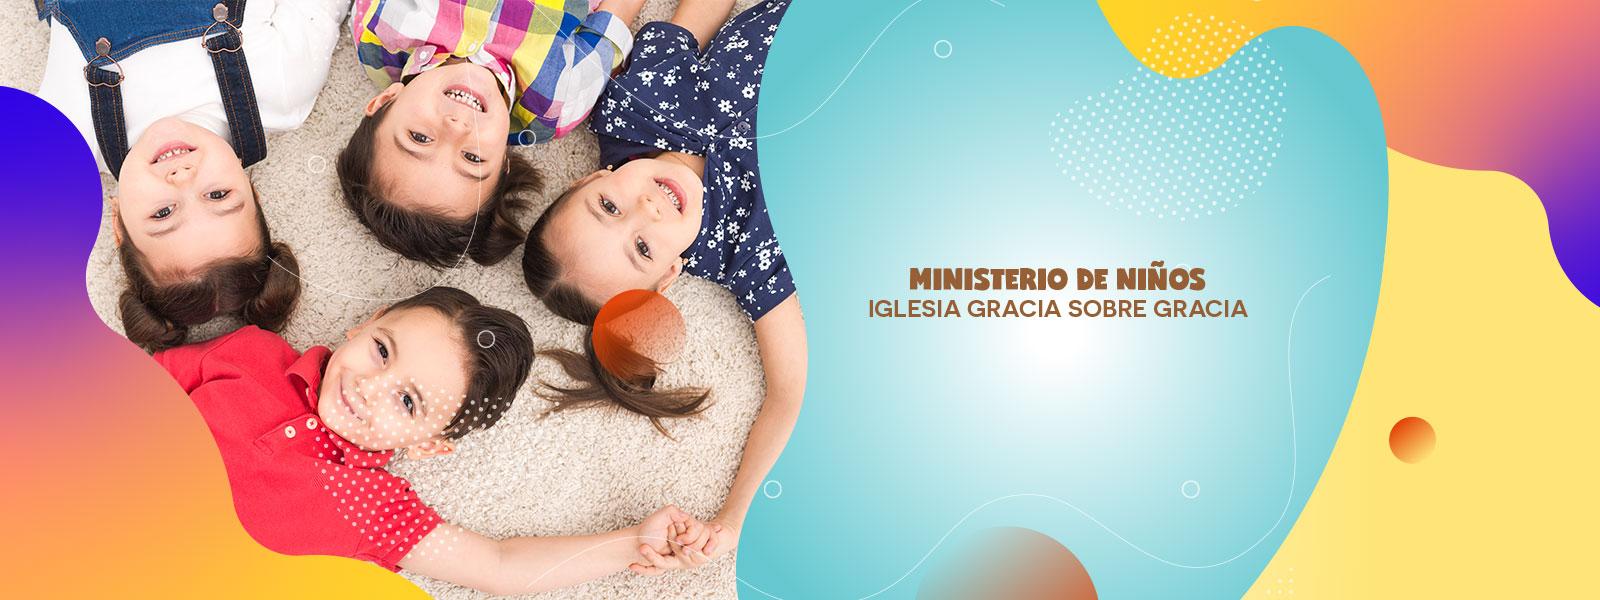 Ministerio de Niños | Iglesia Gracia Sobre Gracia